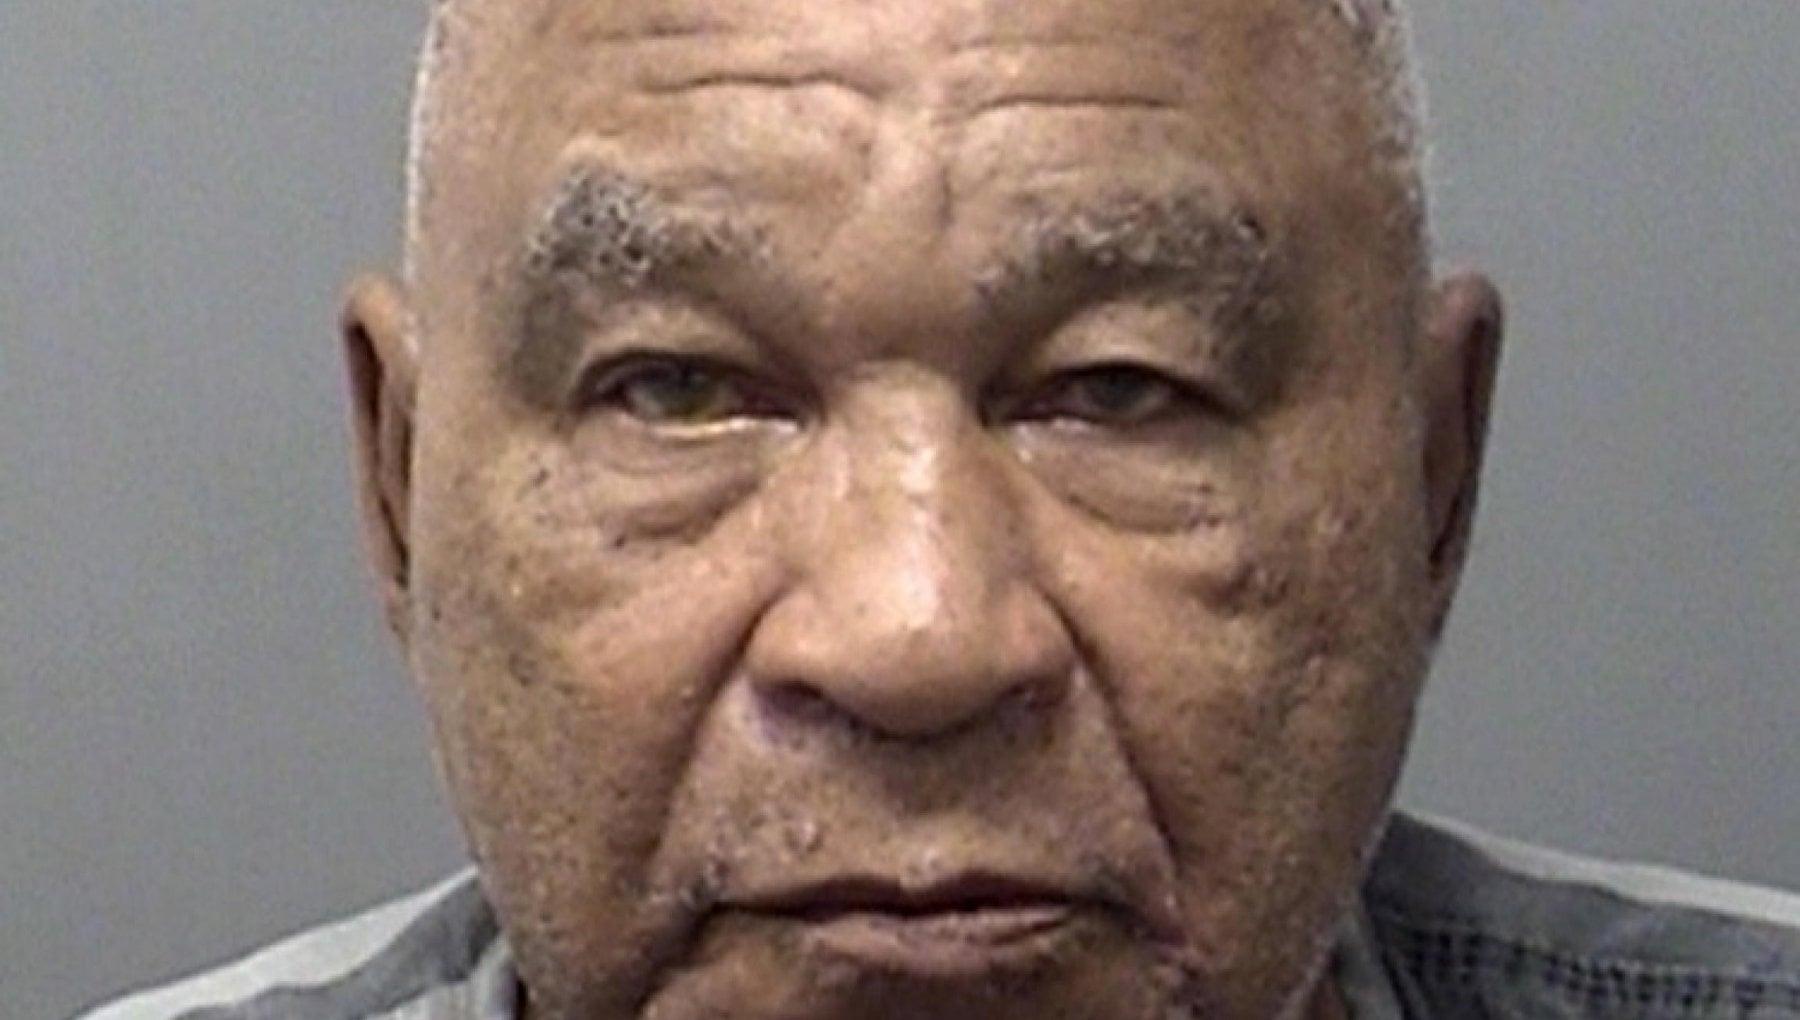 E morto Samuel Little il piu spietato serial killer della storia americana ha confessato lomicidio di 93 donne